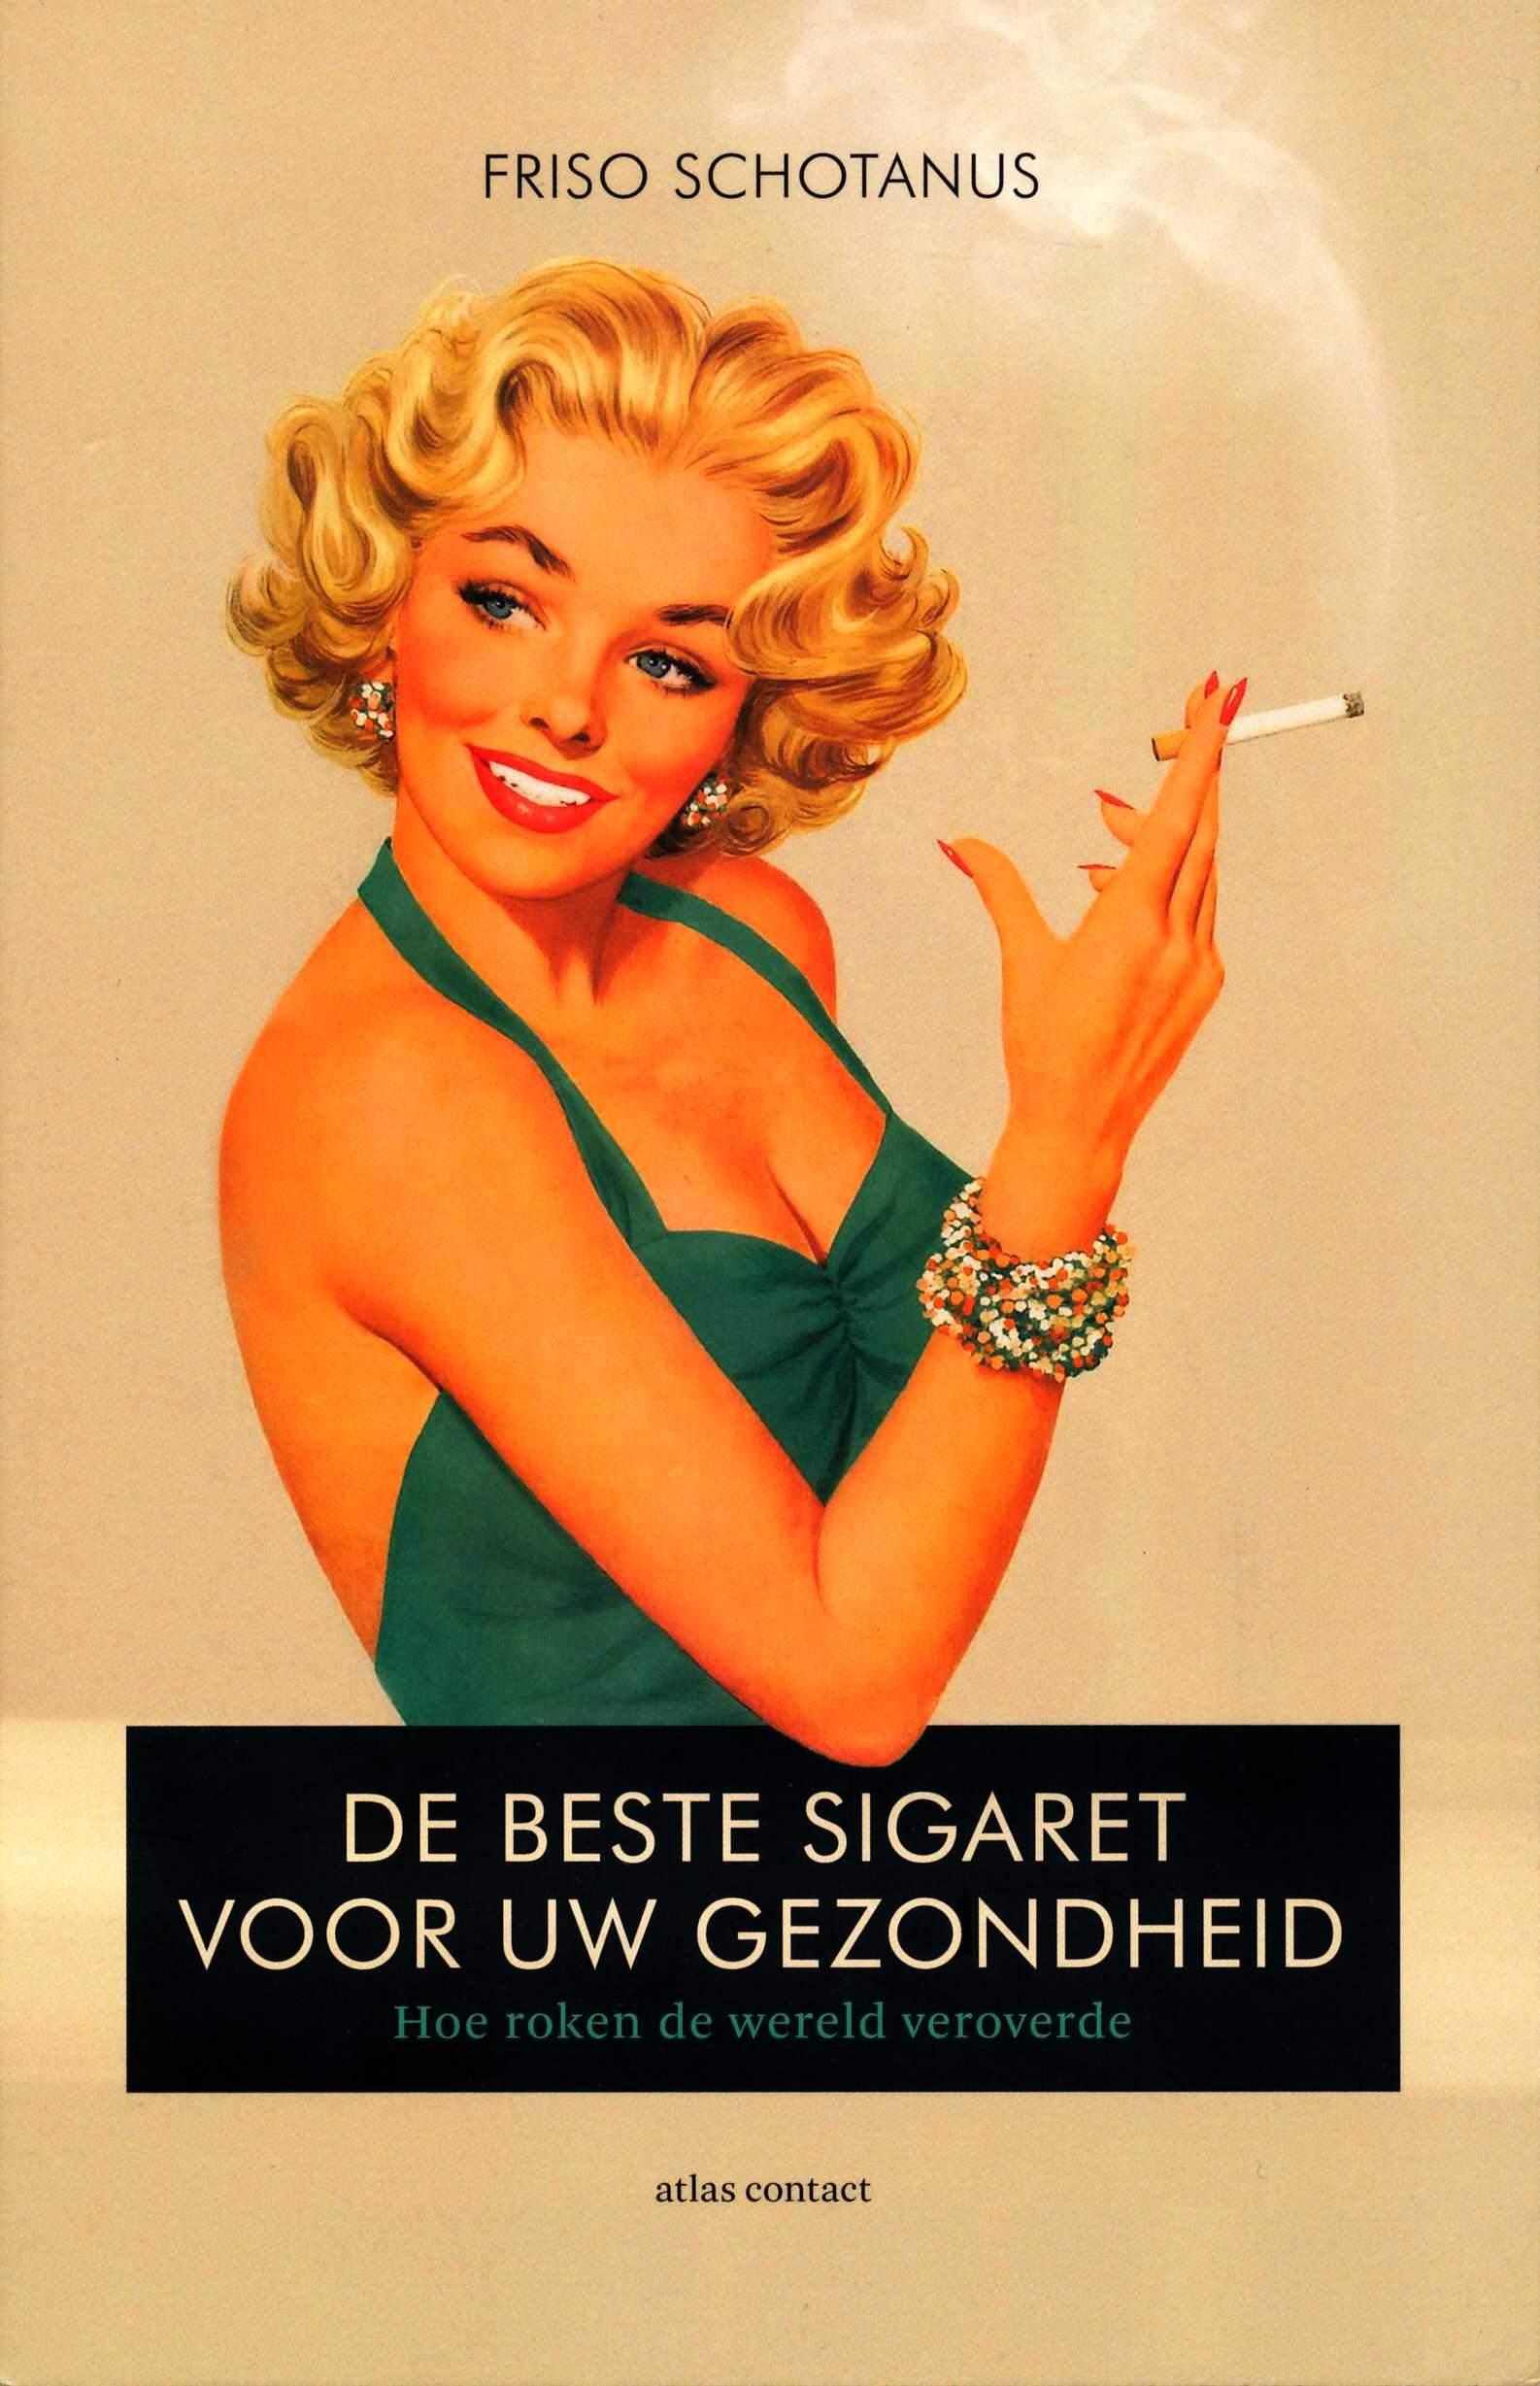 Een fraaie cultuurgeschiedenis van het roken